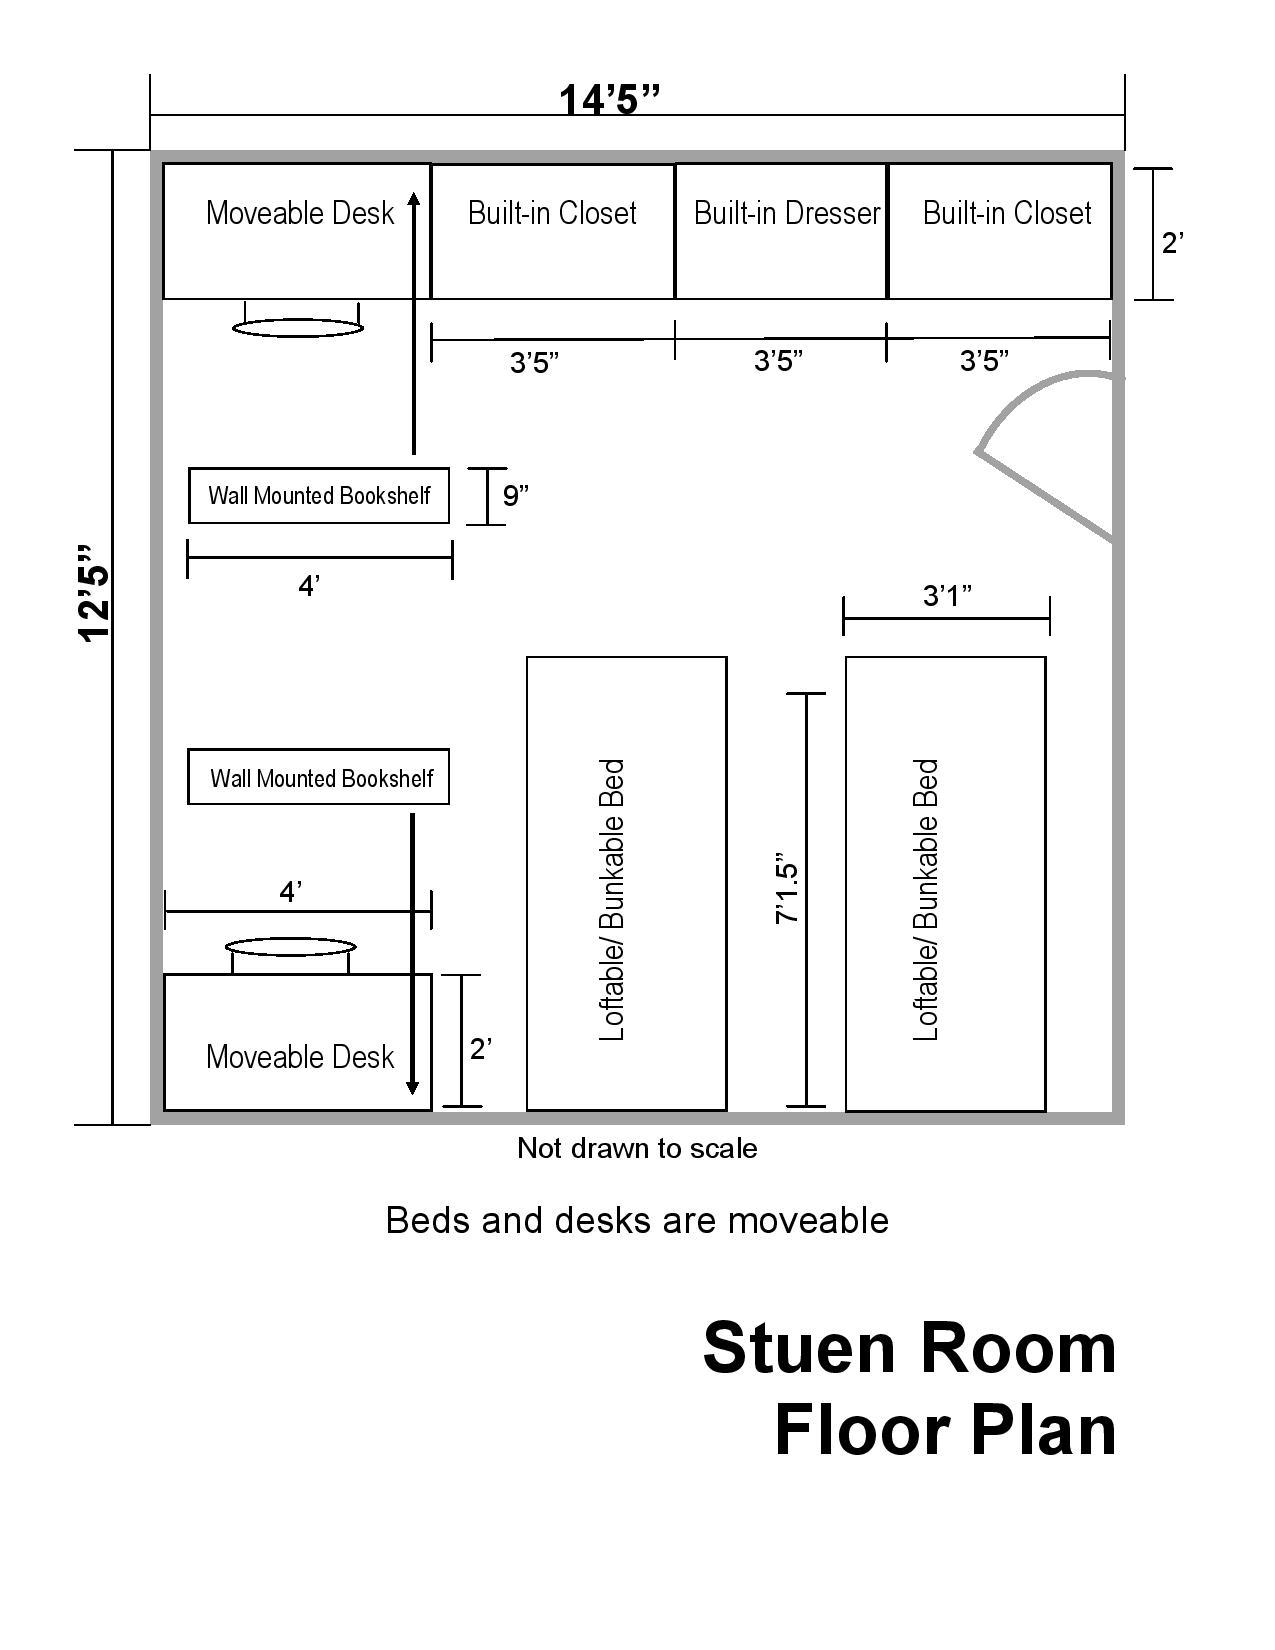 Dorm Room Floor Plan